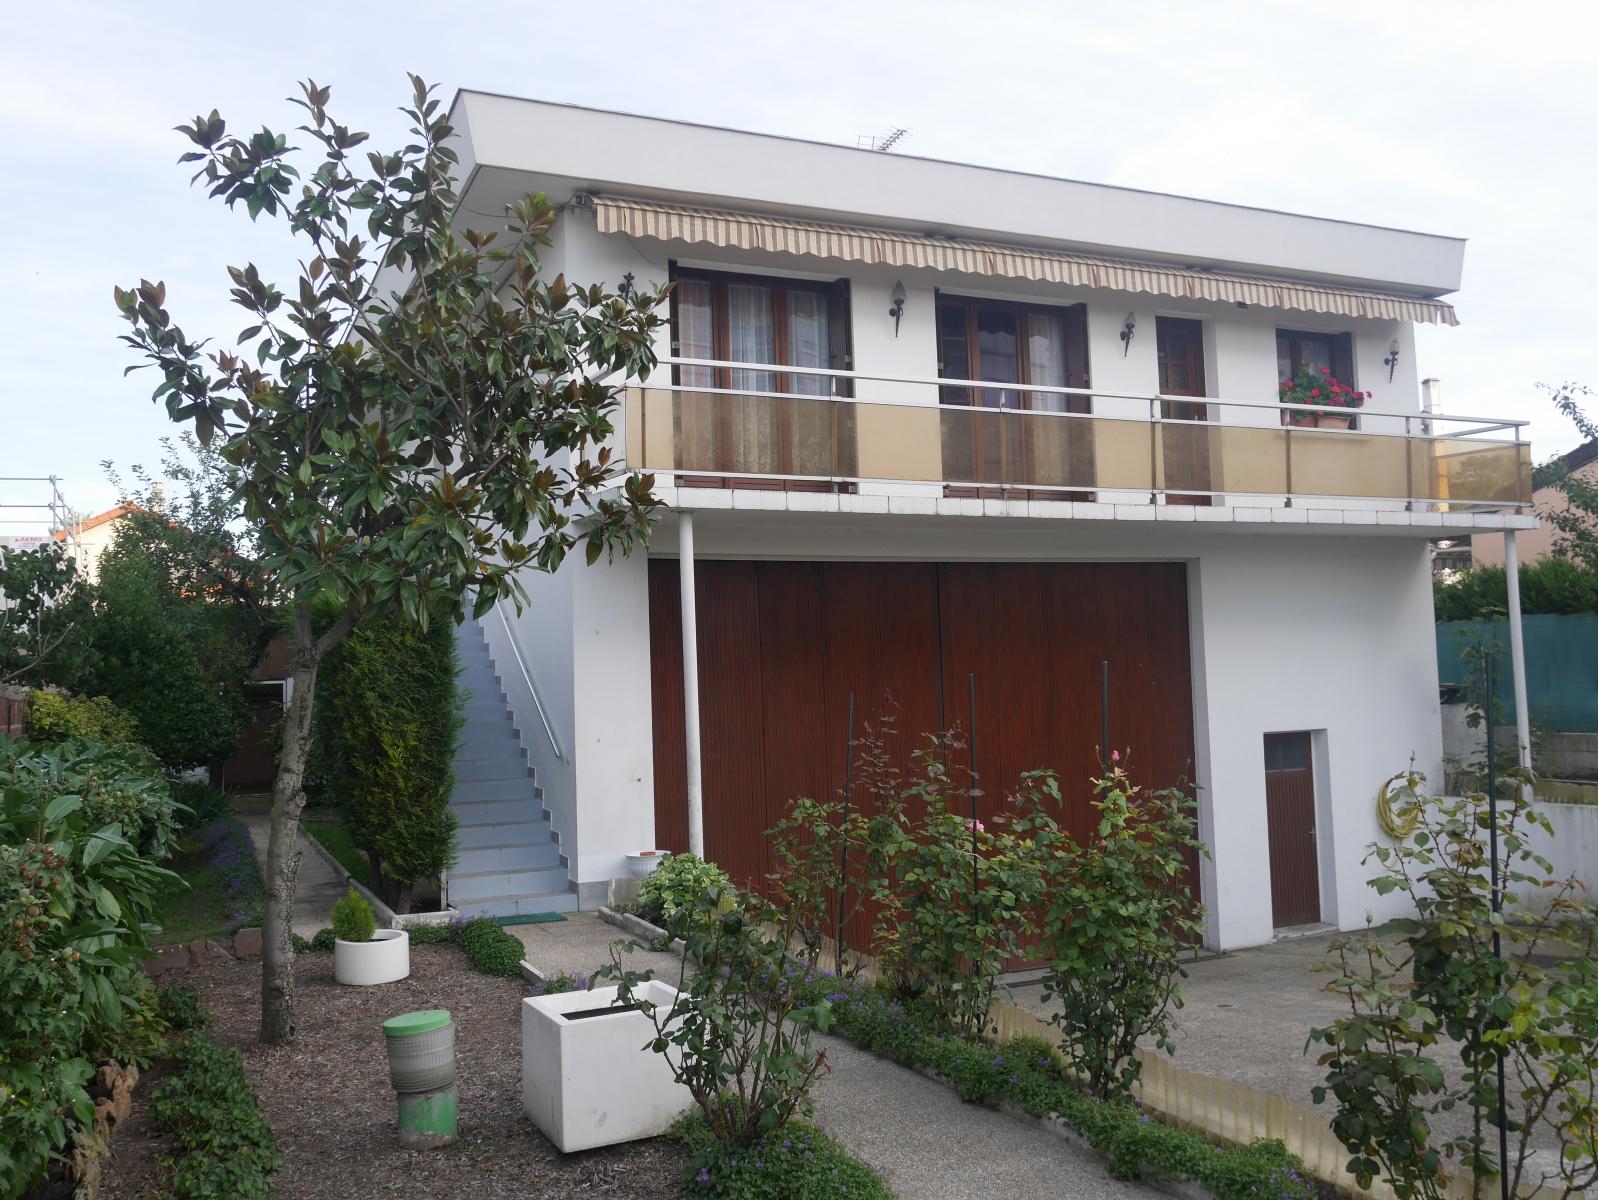 ROMAINVILLE - 294m2 - Maison / Entrepôt - Garage - Bien rare